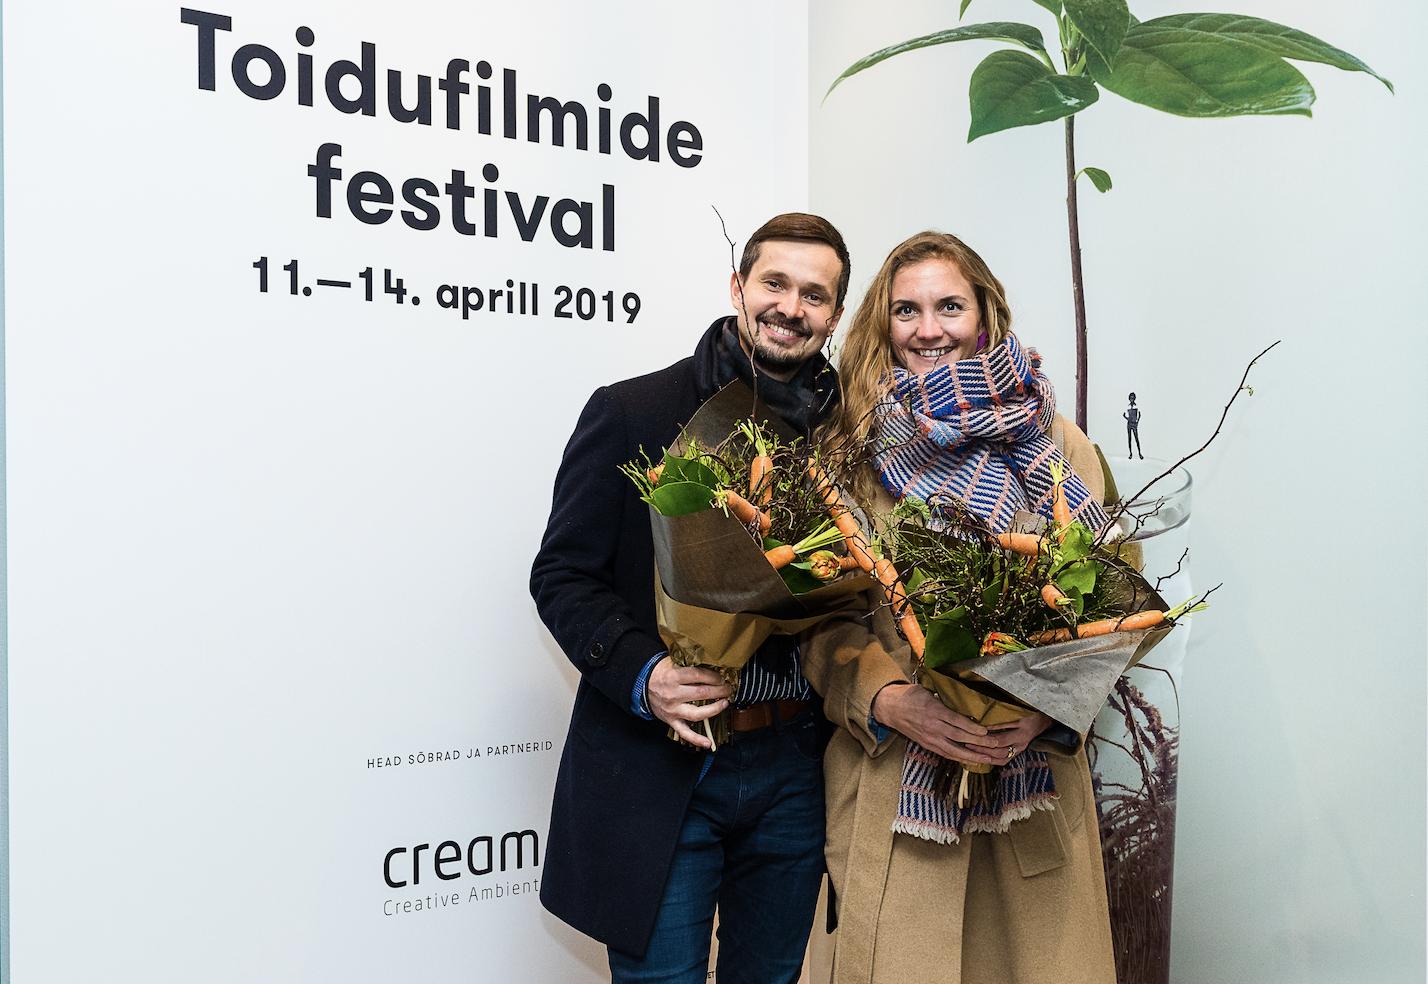 Festivali avamine 9. aprill 2019